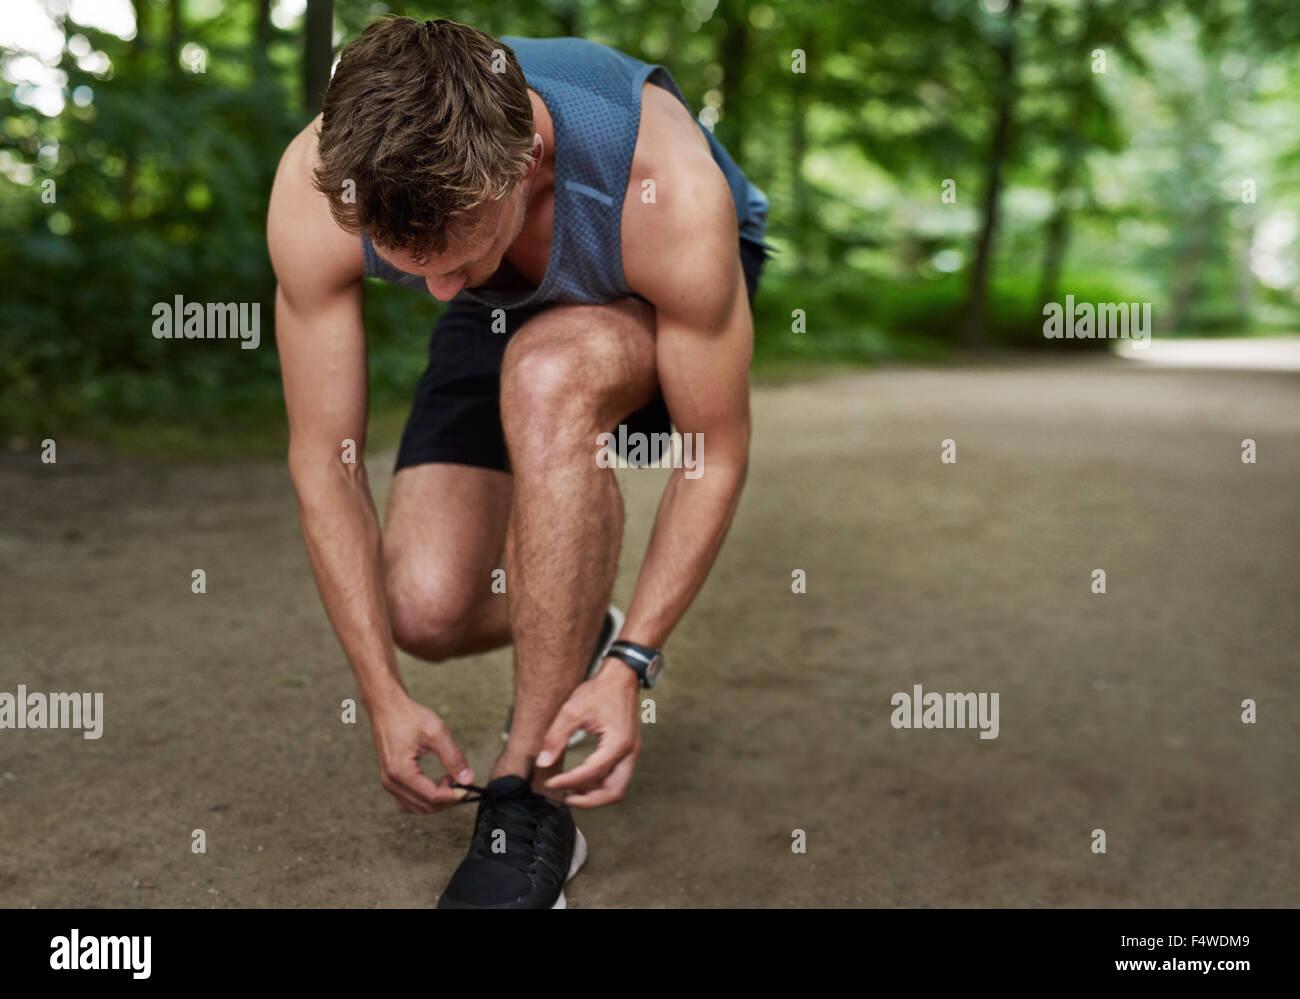 Montare muscolare pareggiatore maschio la piegatura verso il basso la sua legatura lacci delle scarpe in una via Immagini Stock